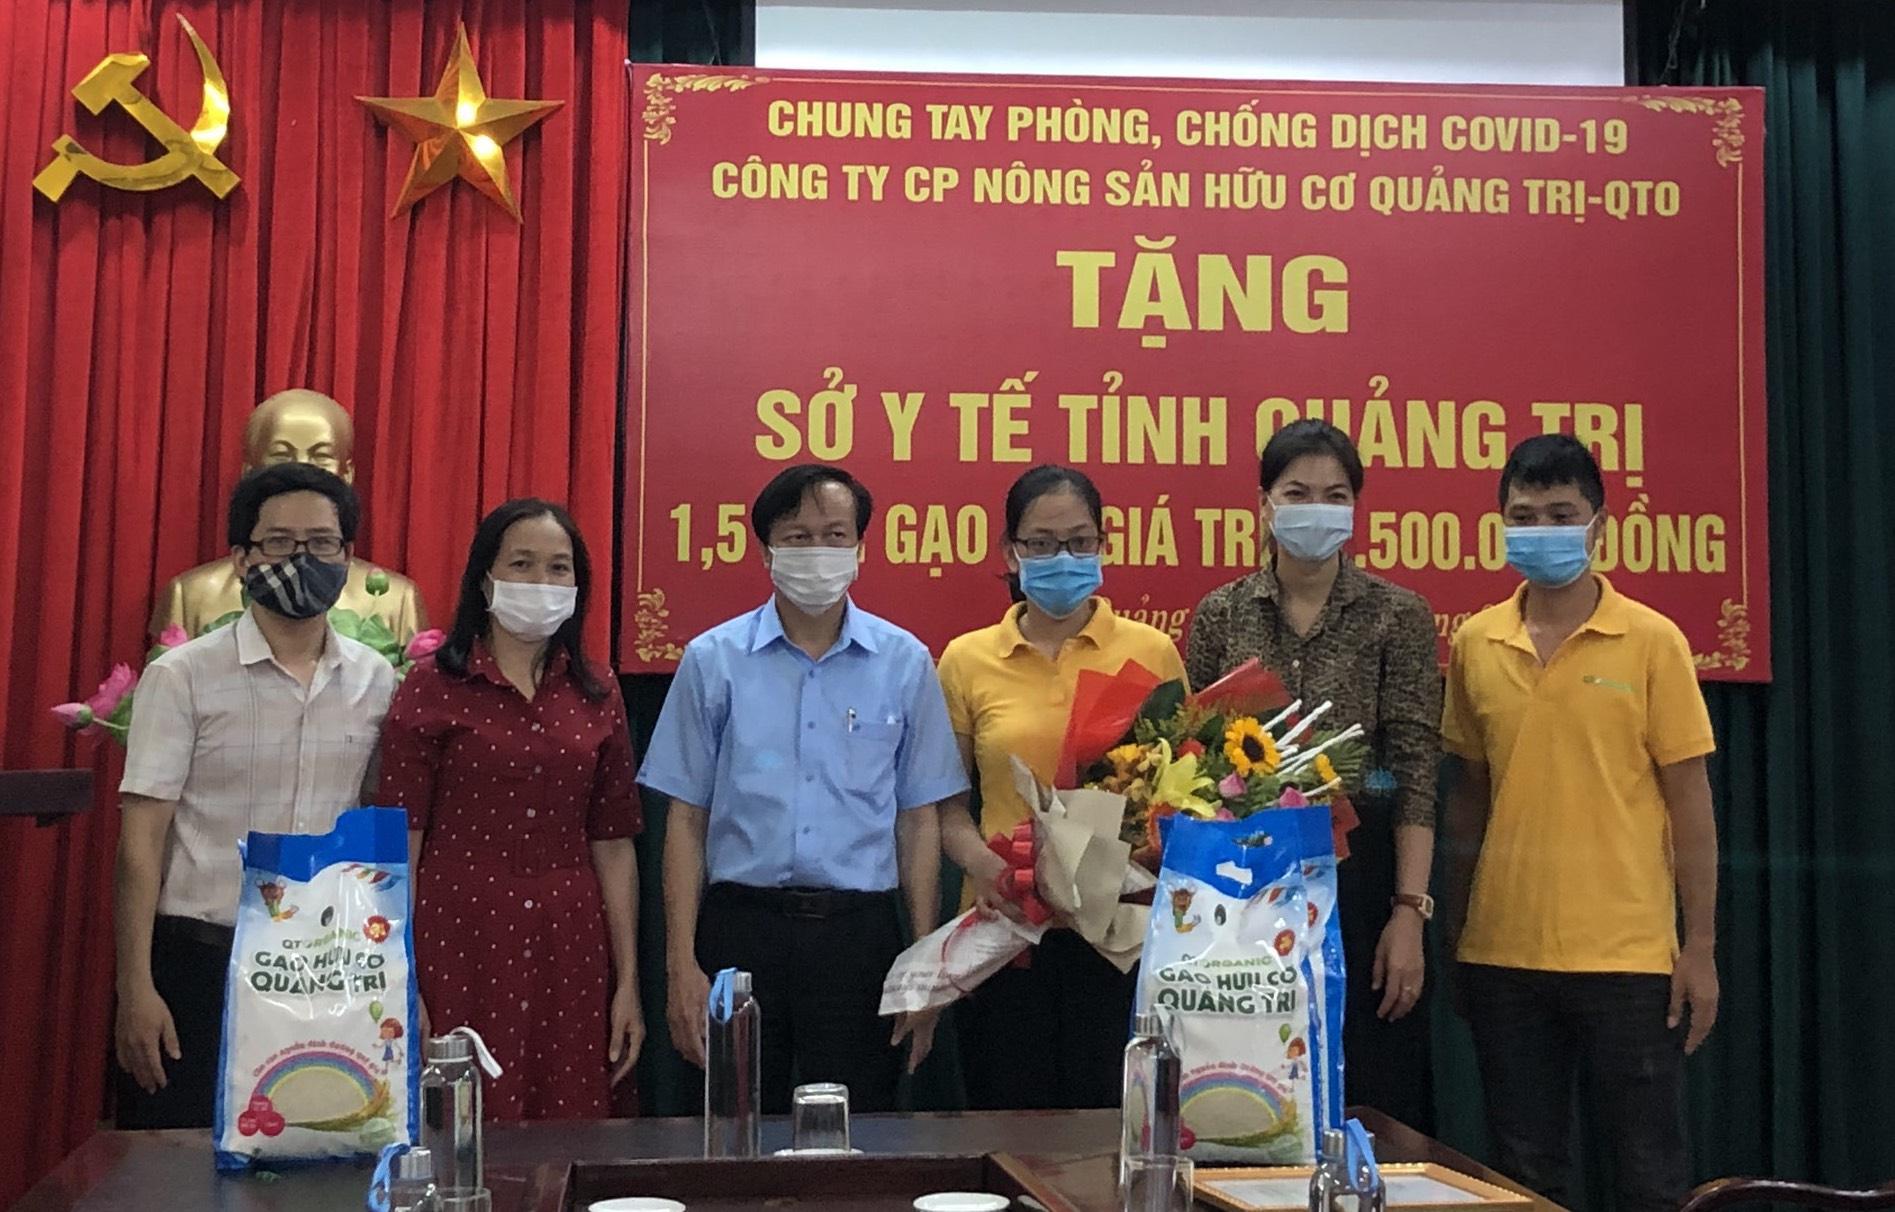 Tập đoàn TH trao tặng 12.500 sản phẩm sữa tươi hỗ trợ tỉnh Quảng Trị phòng, chống dịch Covid-19 - Ảnh 7.